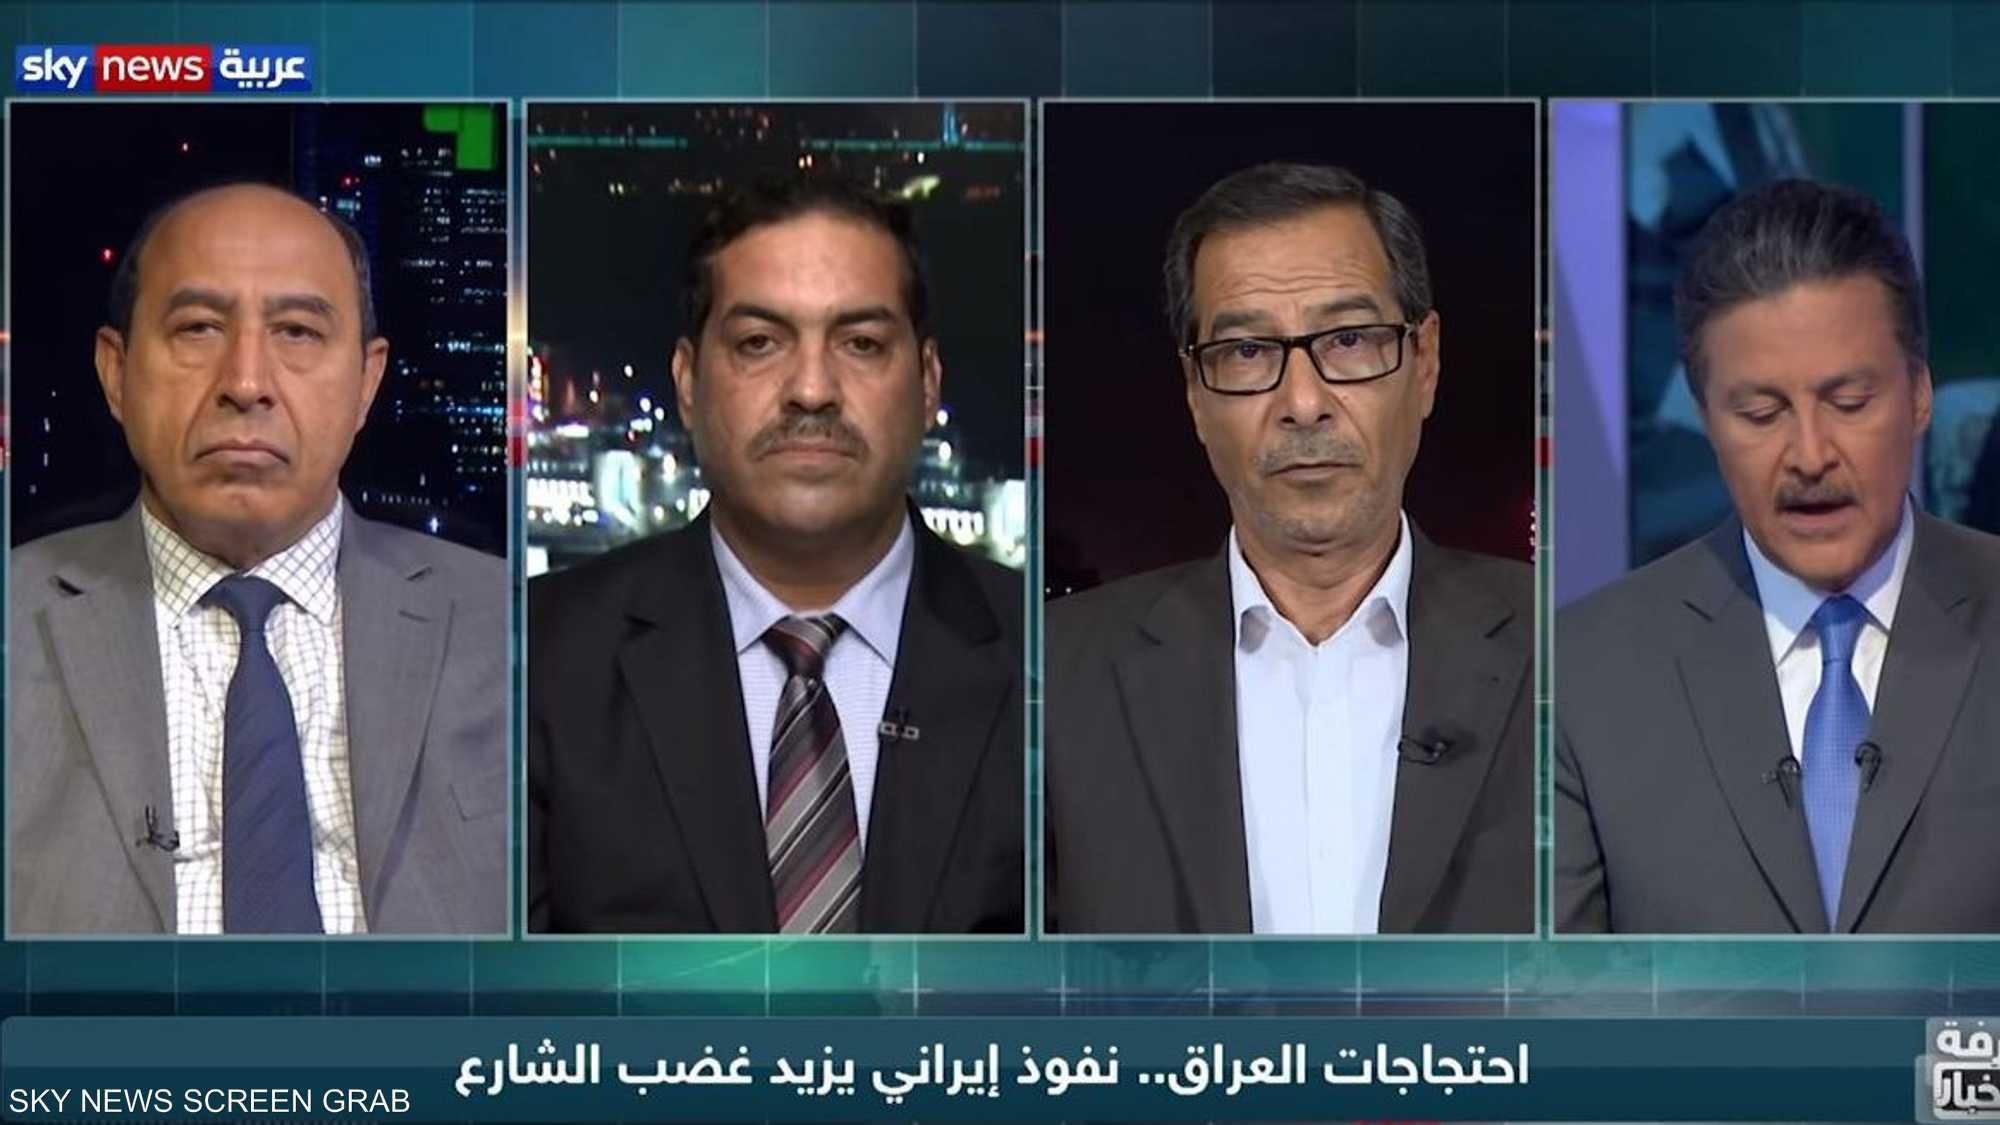 احتجاجات العراق.. نفوذ إيراني يزيد غضب الشارع